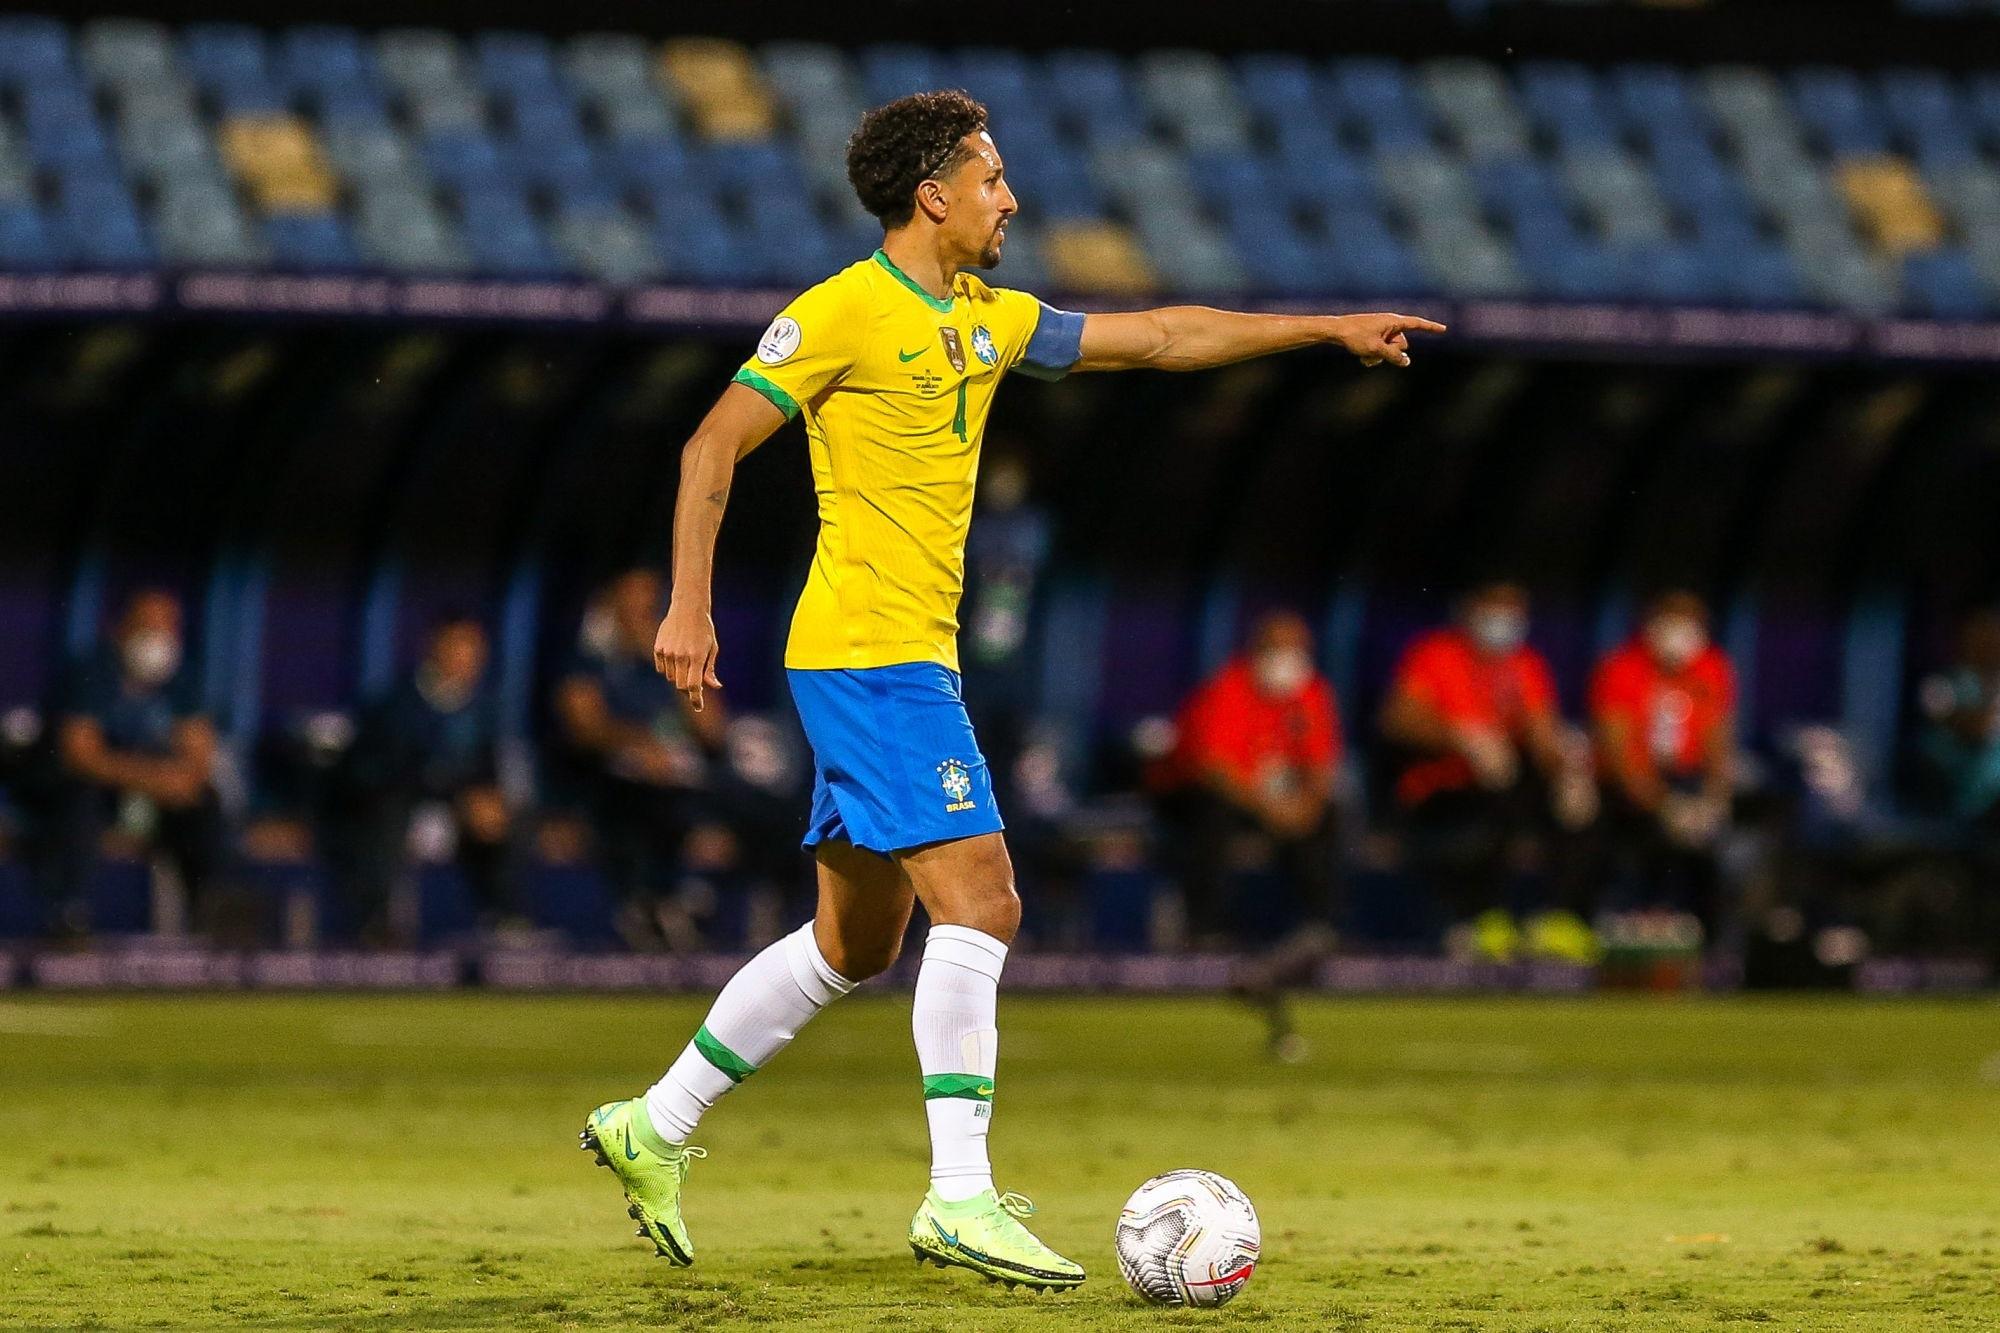 Brésil/Equateur - Marquinhos solide et Neymar au repos lors du match nul